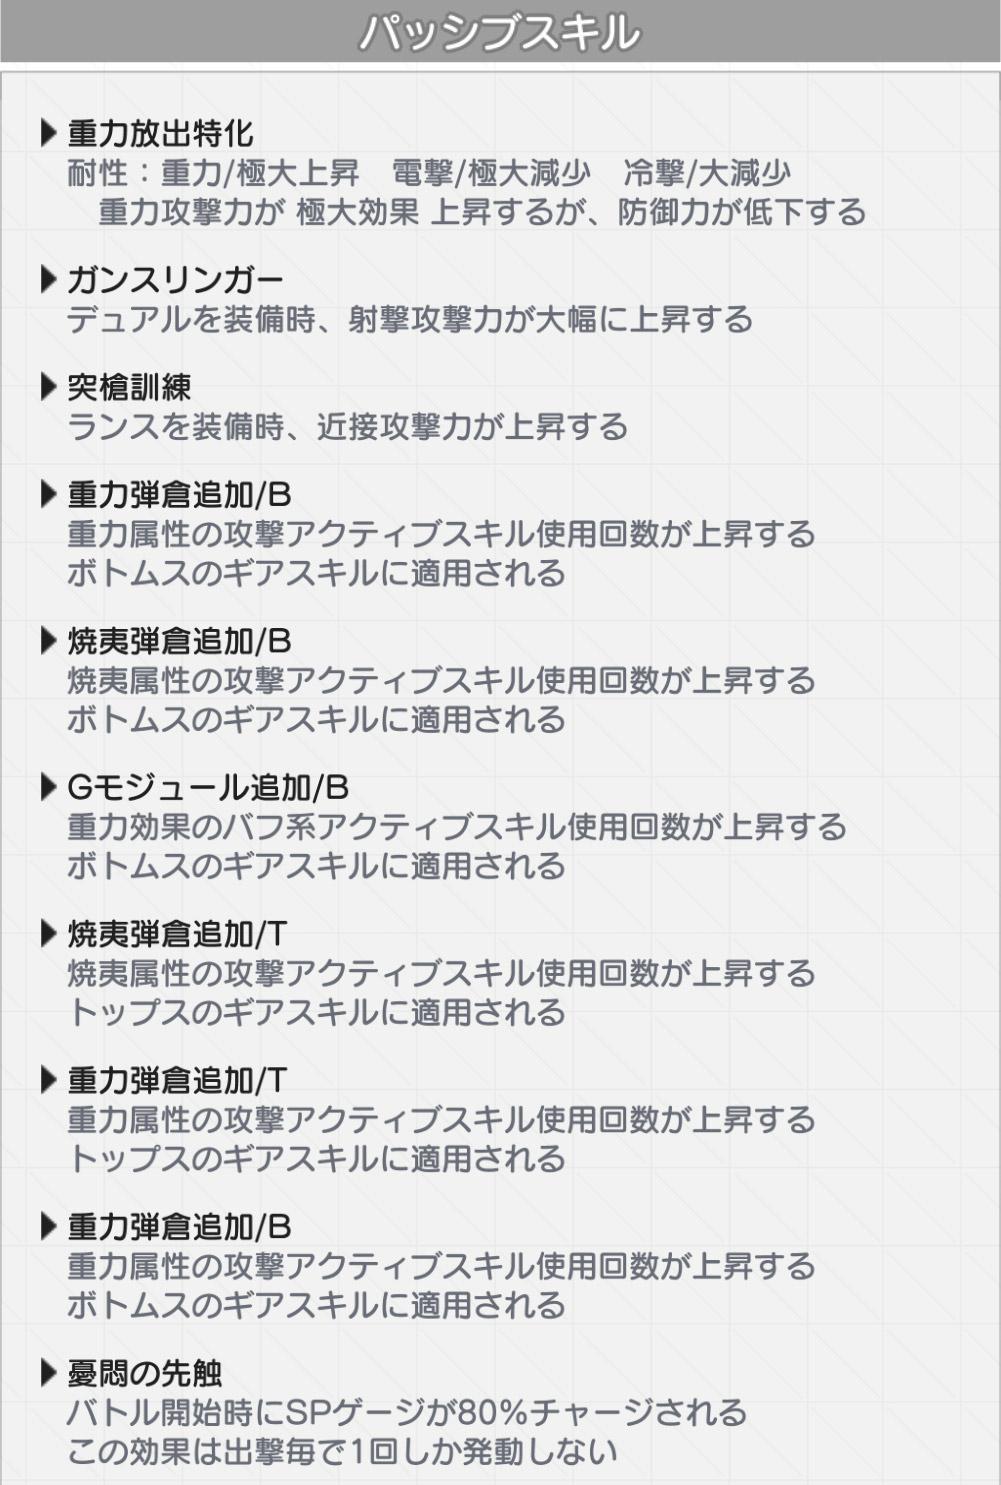 ミサキスキル.jpg